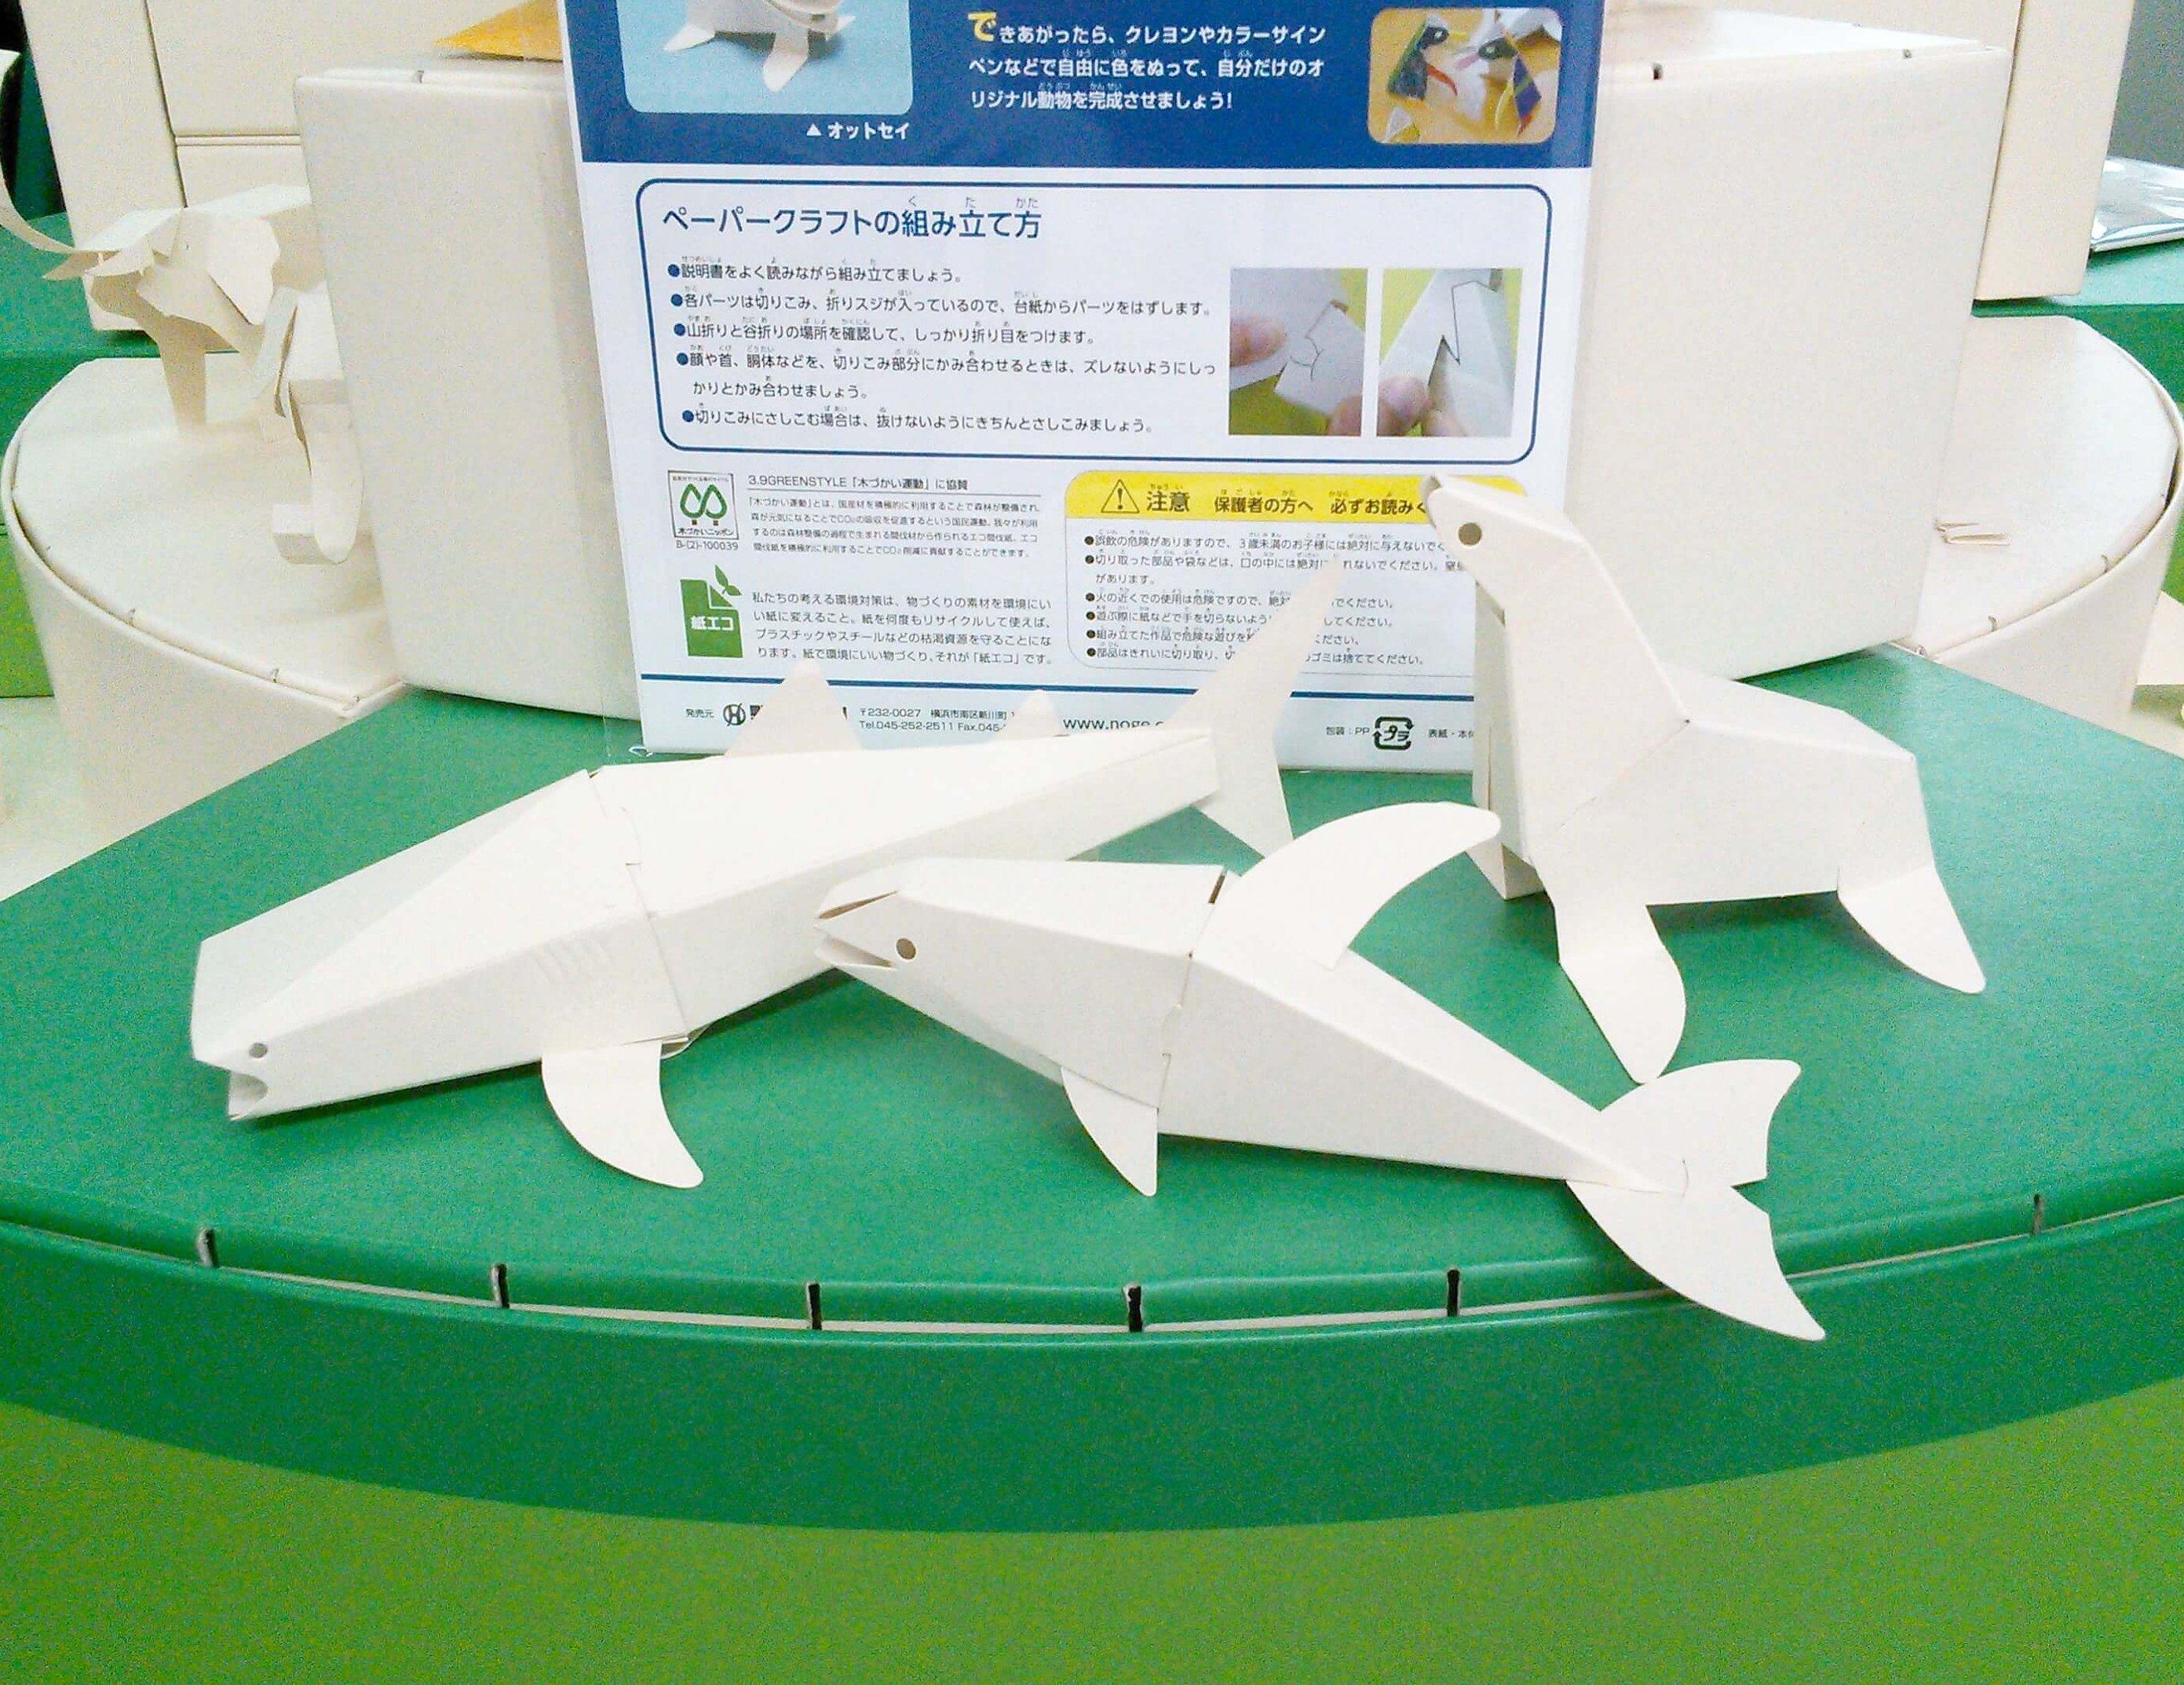 【夏休みにピッタリ!】「紙エコペーパークラフト―水族館編―」のご紹介!